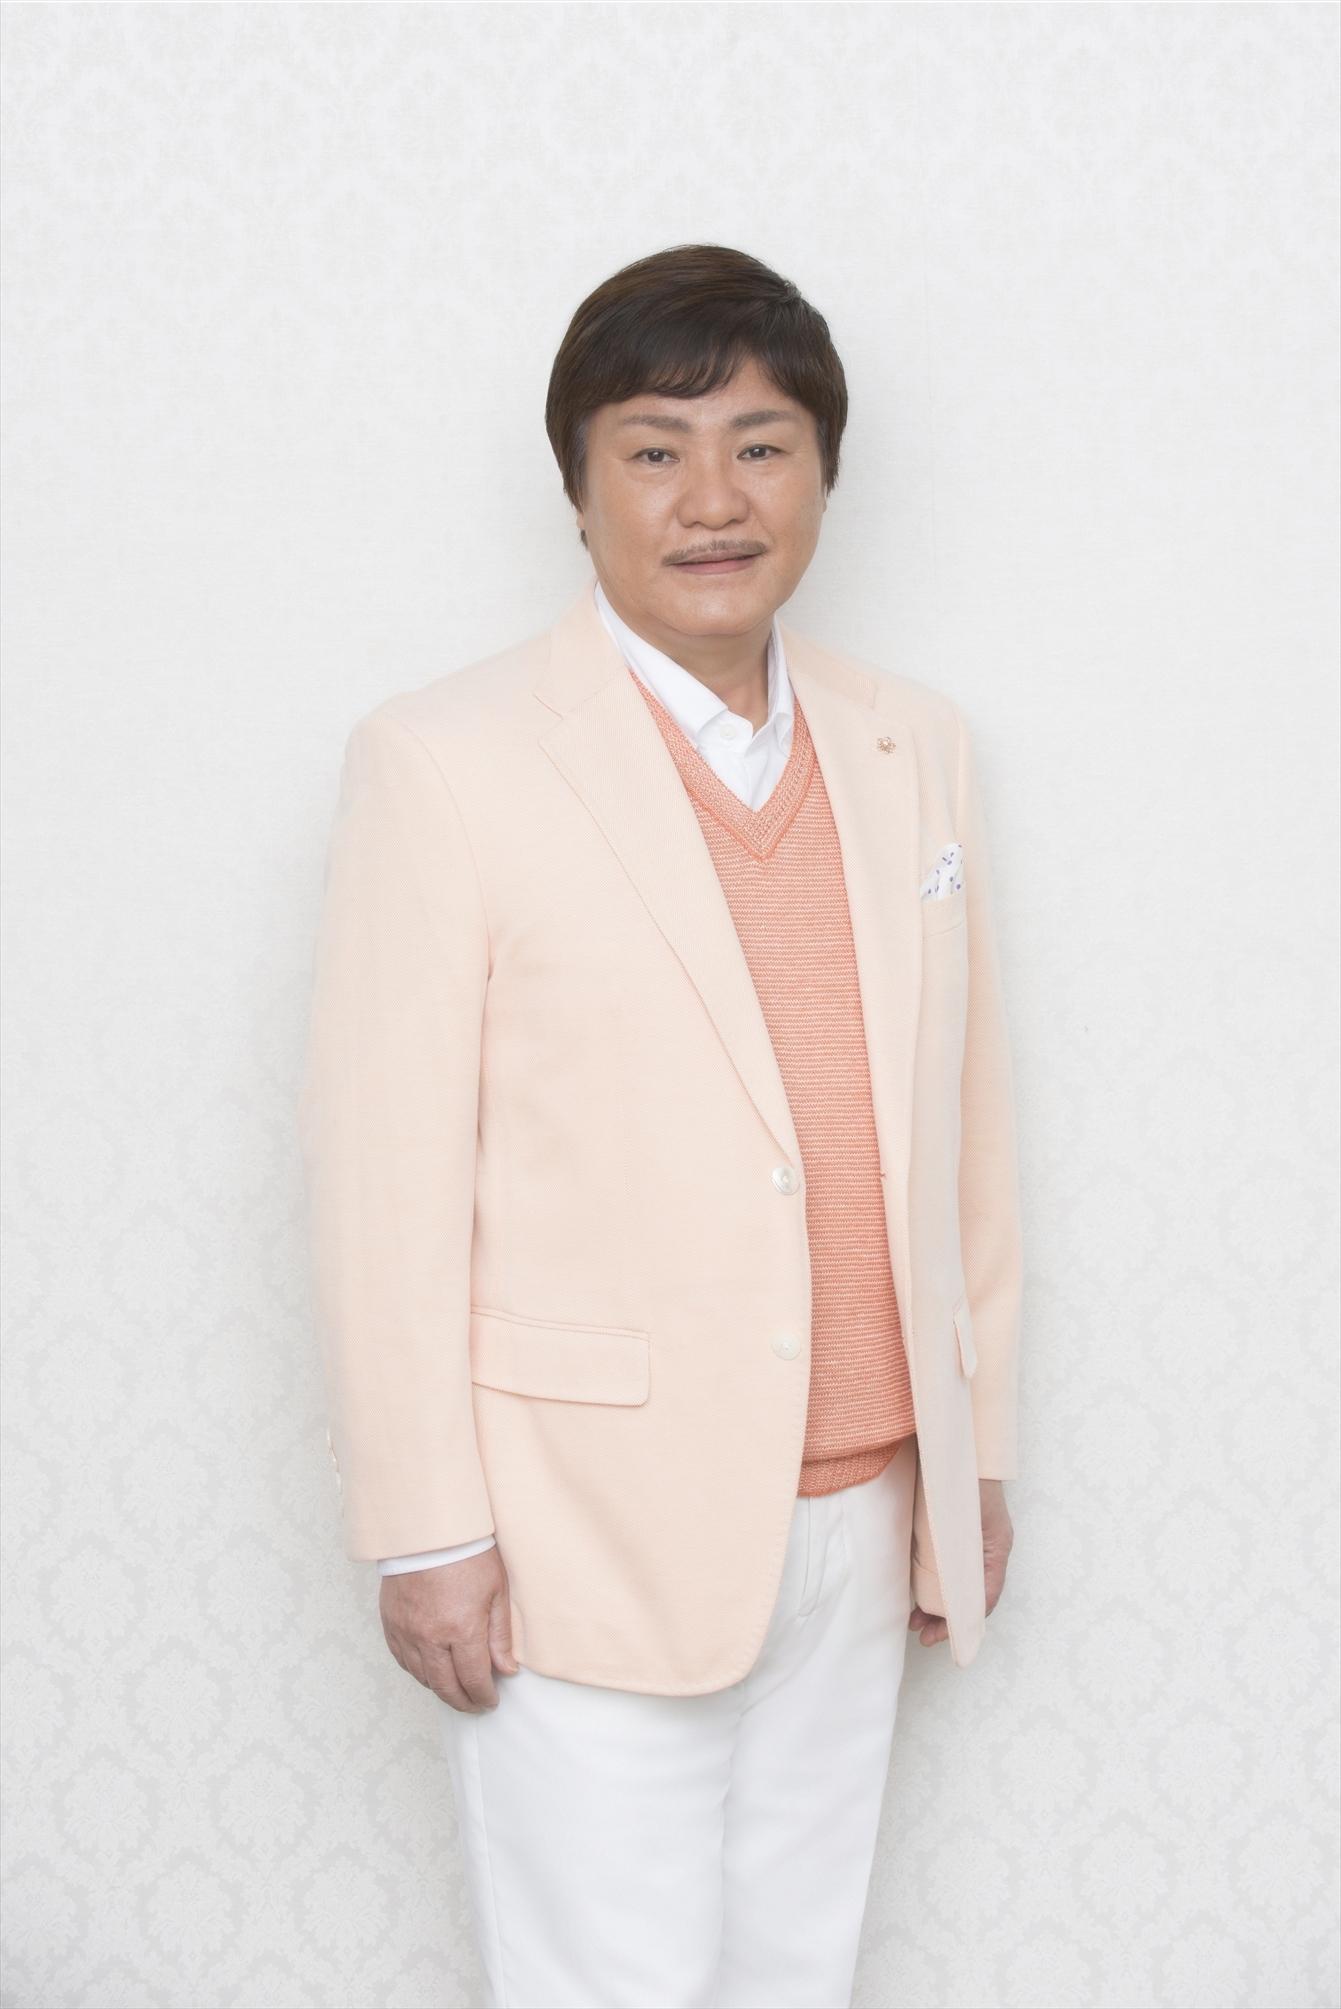 過去にも横浜スタジアムでコンサートを行った堀内孝雄氏が、当日はアリス時代の曲を熱唱する